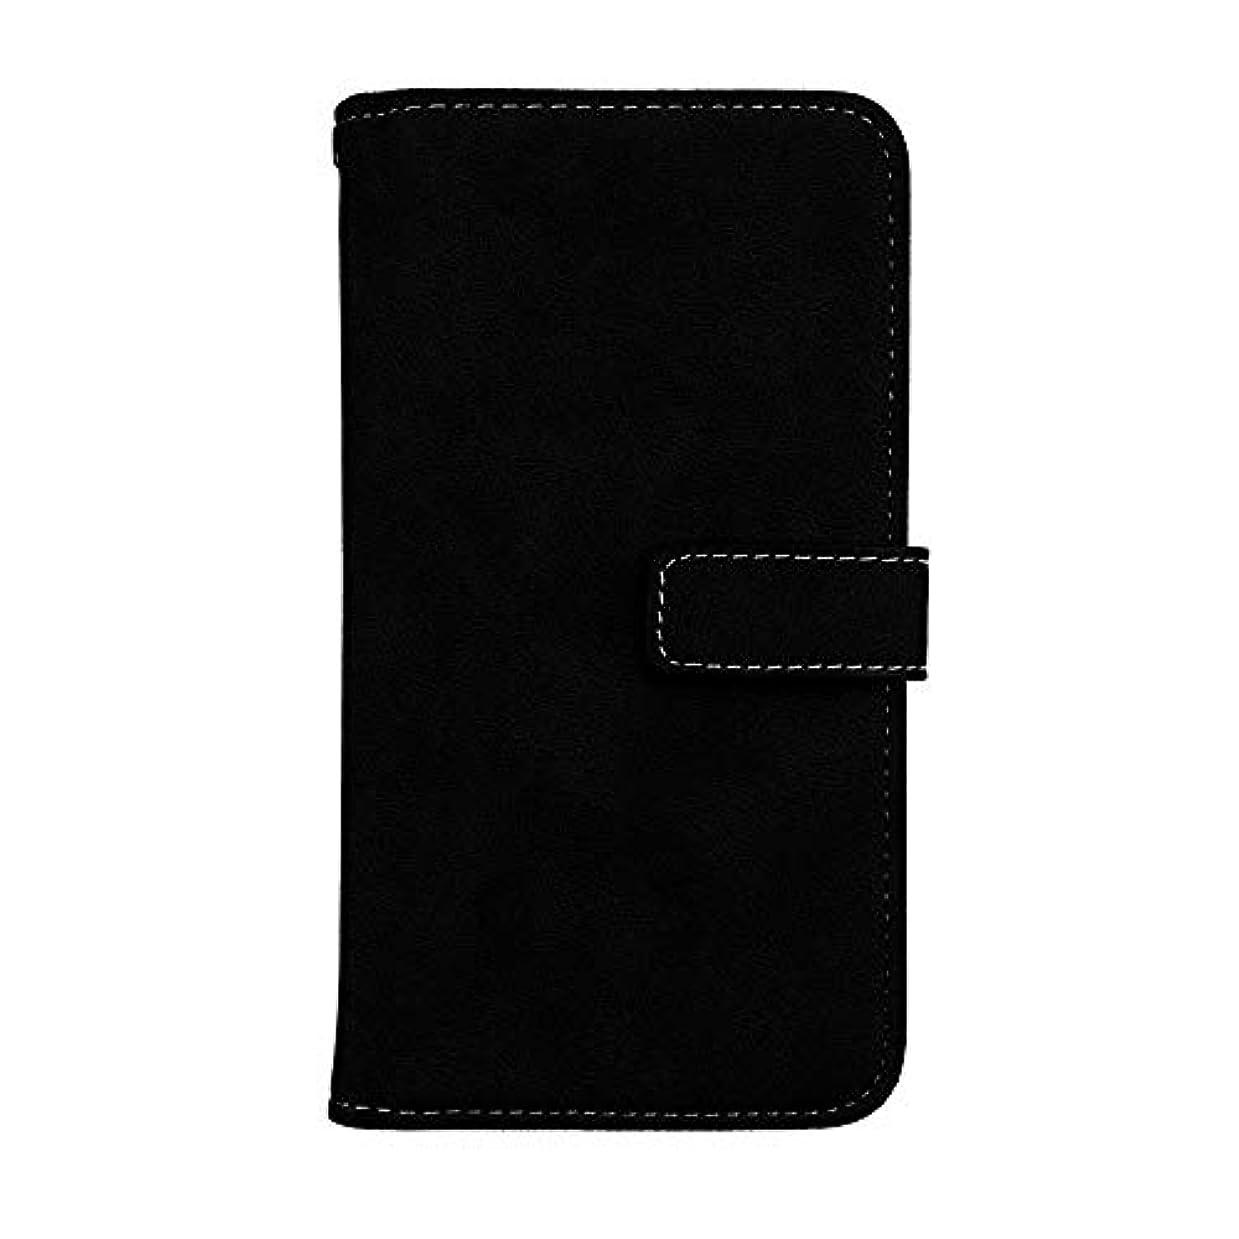 安全性どっちでも悔い改めXiaomi Redmi Note 4 高品質 マグネット ケース, CUNUS 携帯電話 ケース 軽量 柔軟 高品質 耐摩擦 カード収納 カバー Xiaomi Redmi Note 4 用, ブラック